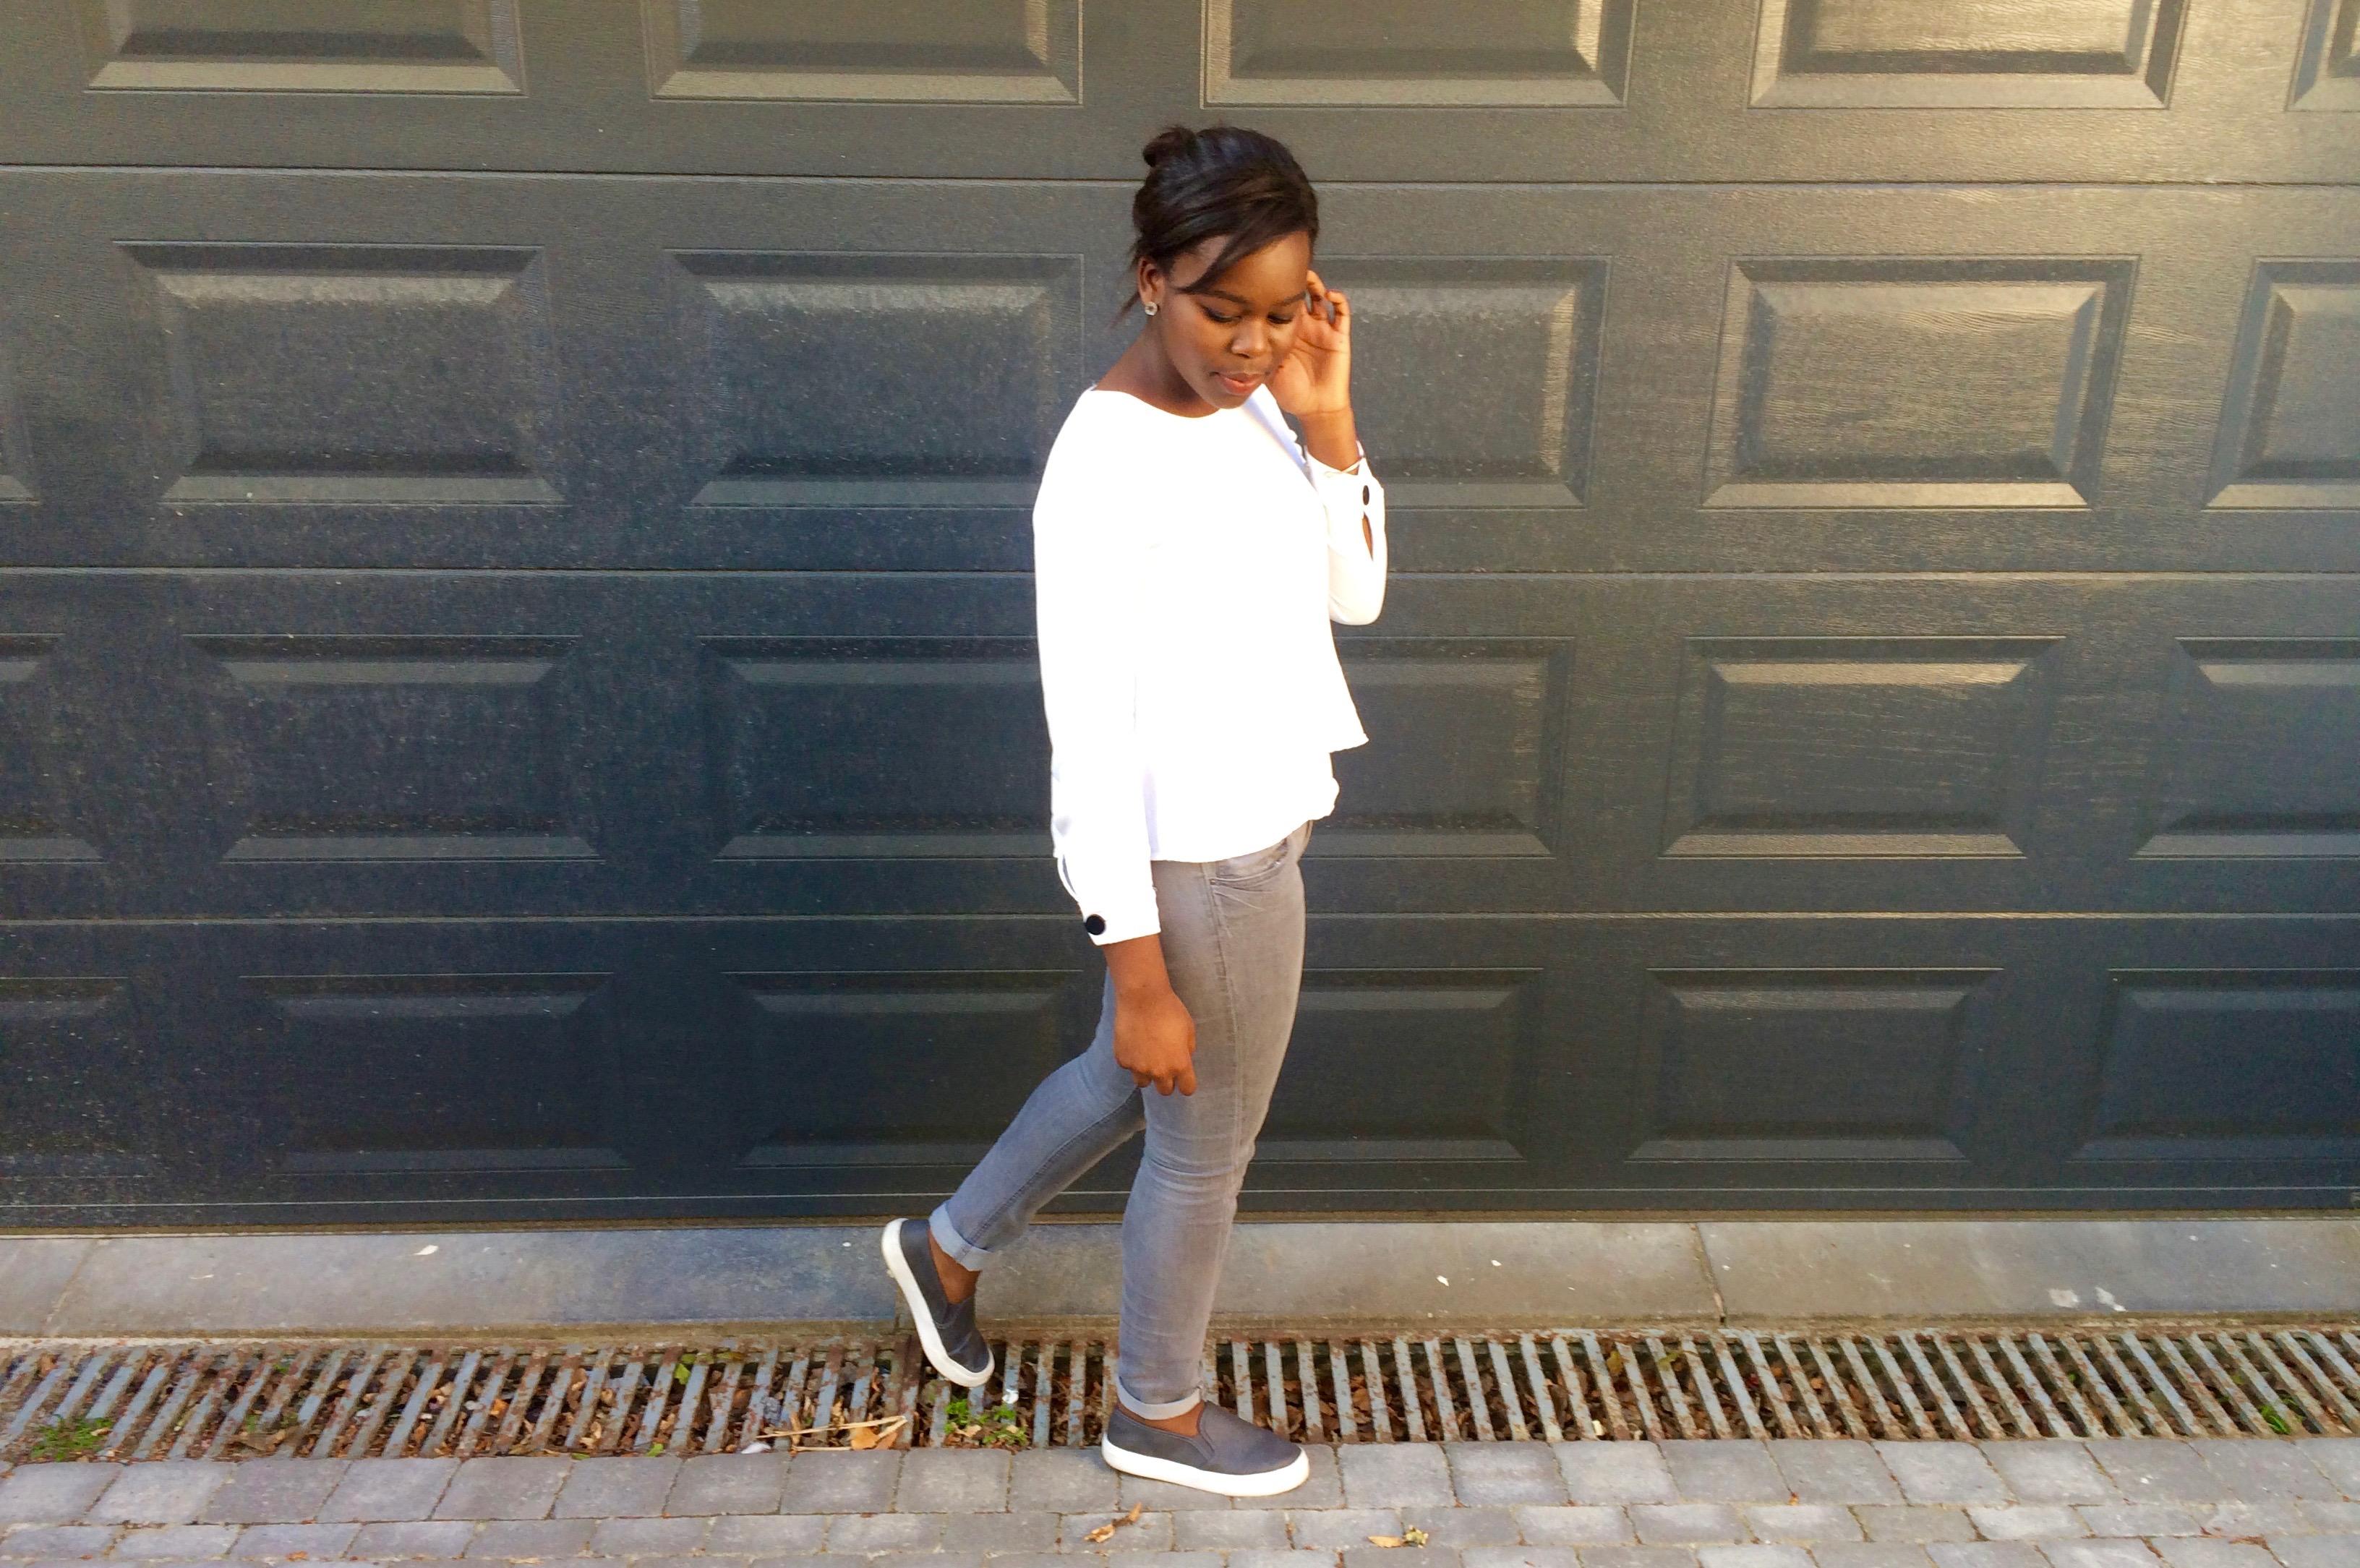 Coup-de-blouse_9615